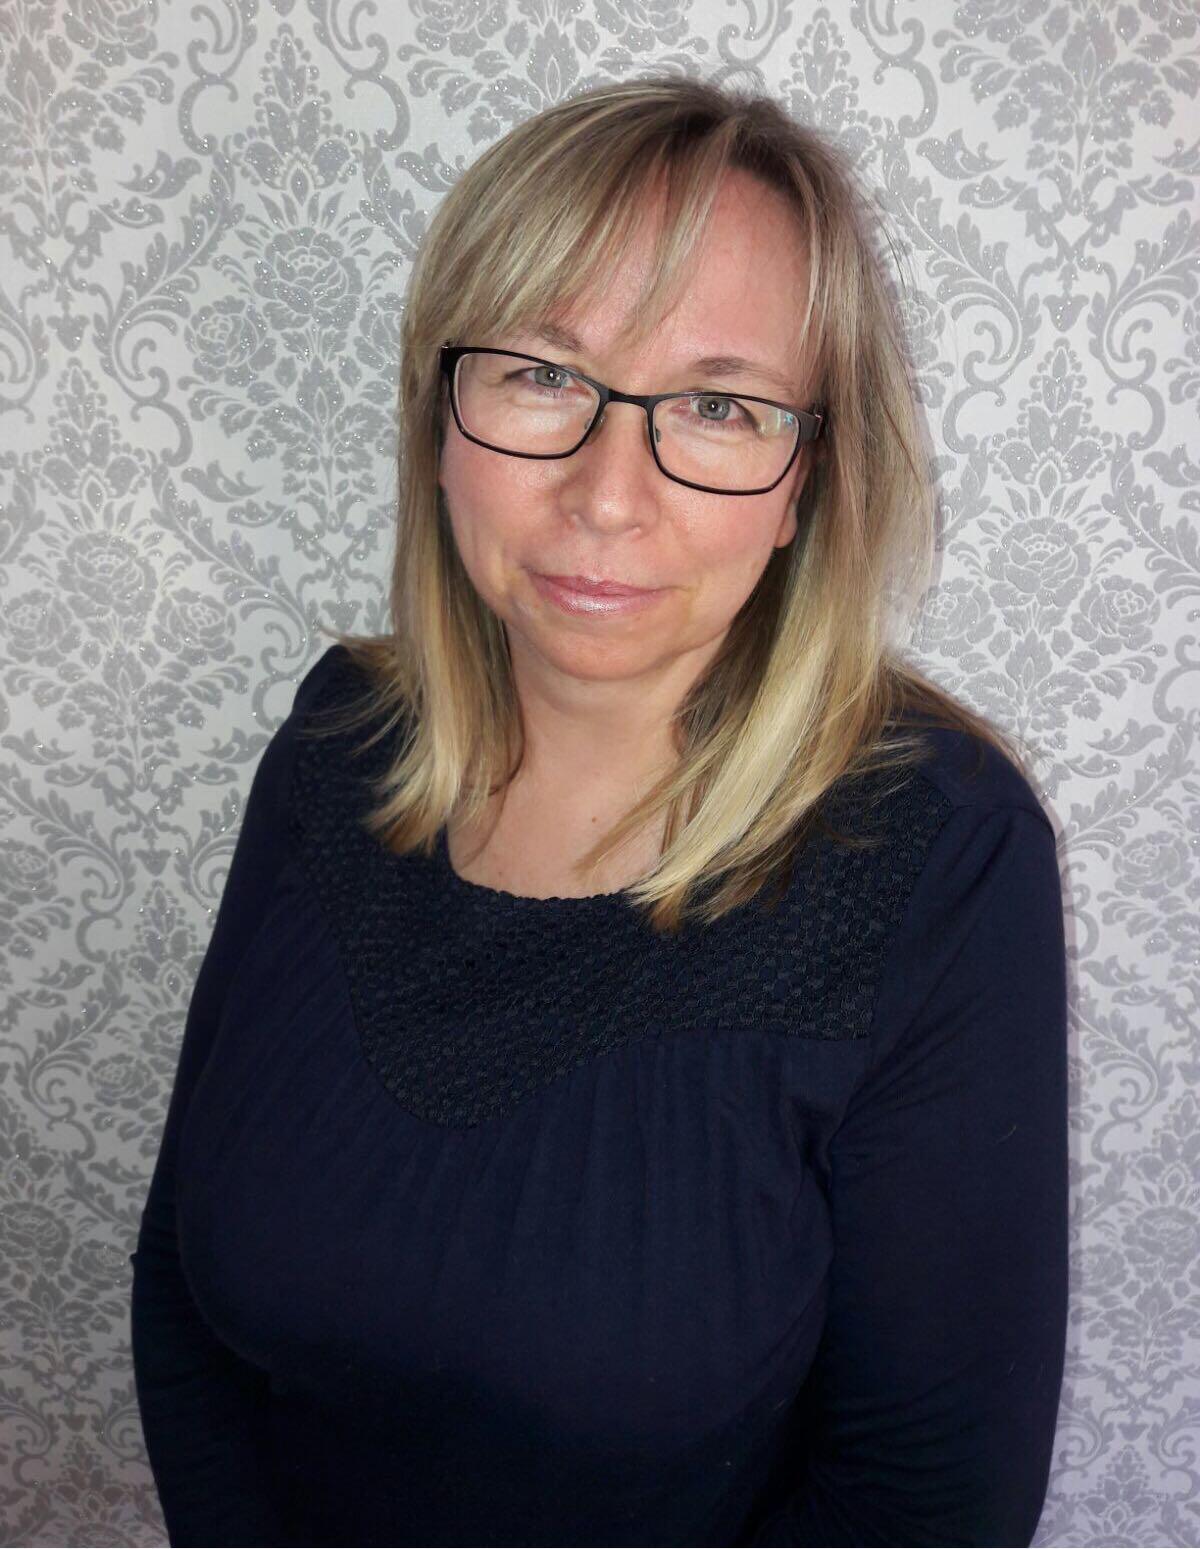 Stefanie Gehring